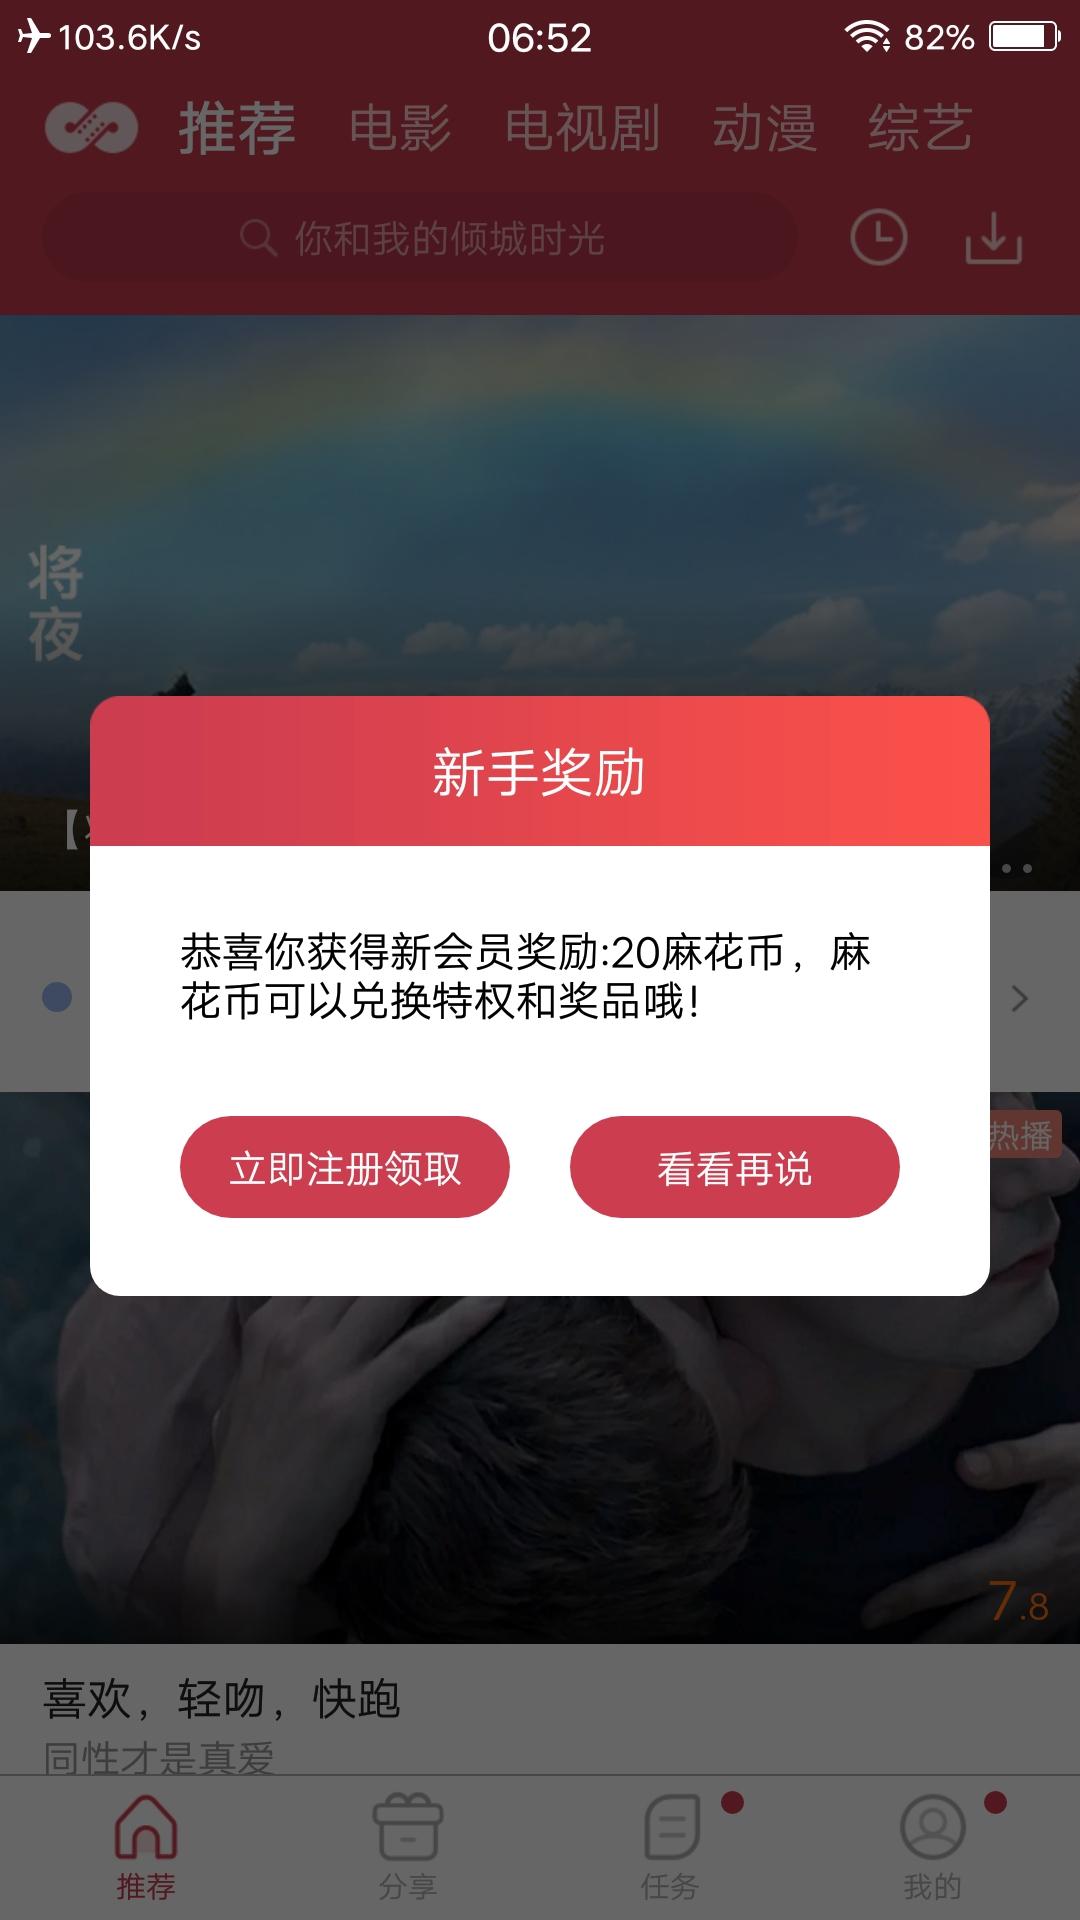 Screenshot_20181208_065209.jpg